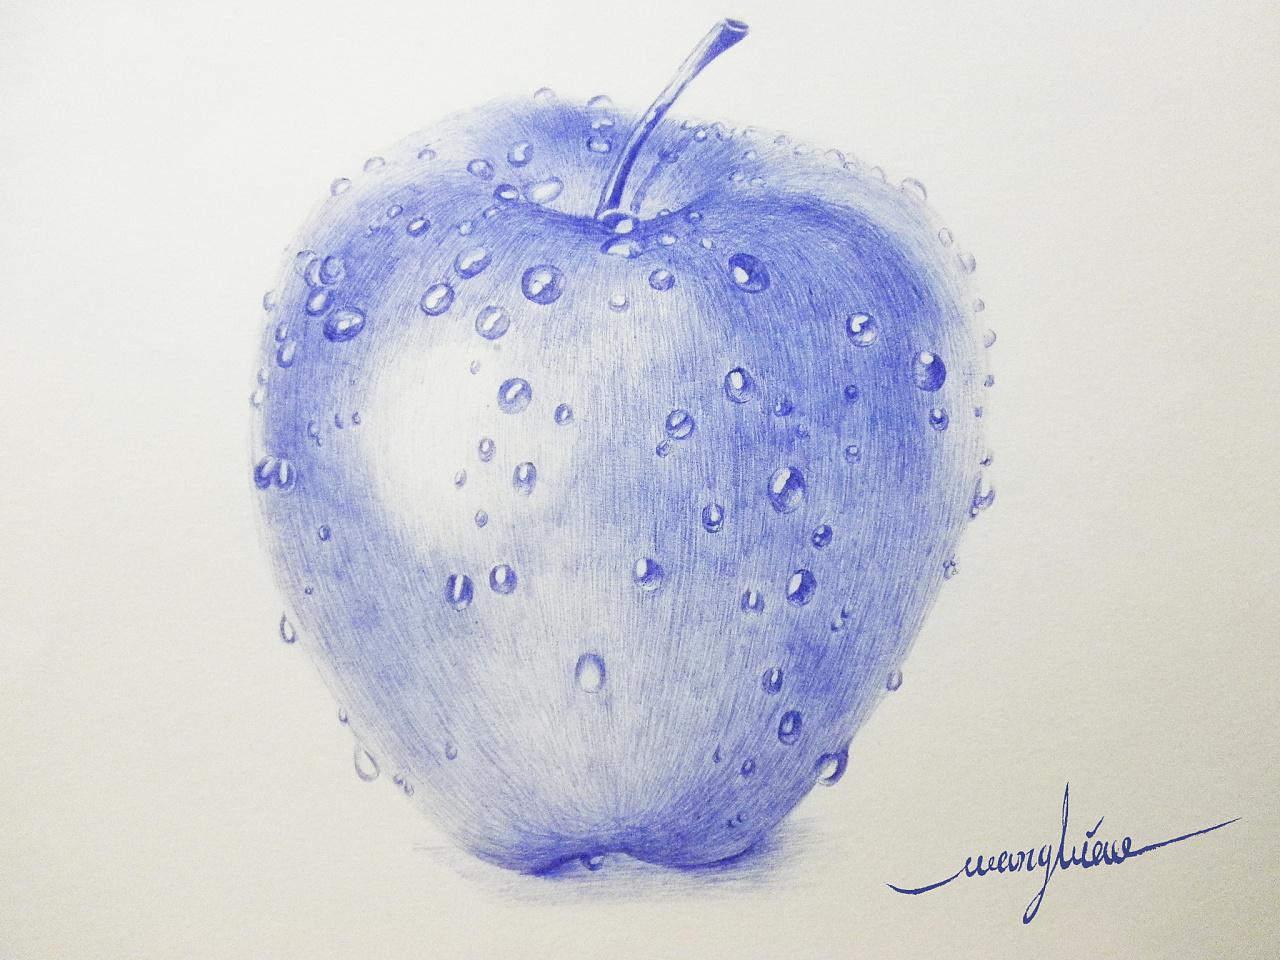 圆珠笔小教程 苹果上的水珠 给刚入手圆珠笔基础的朋友参考